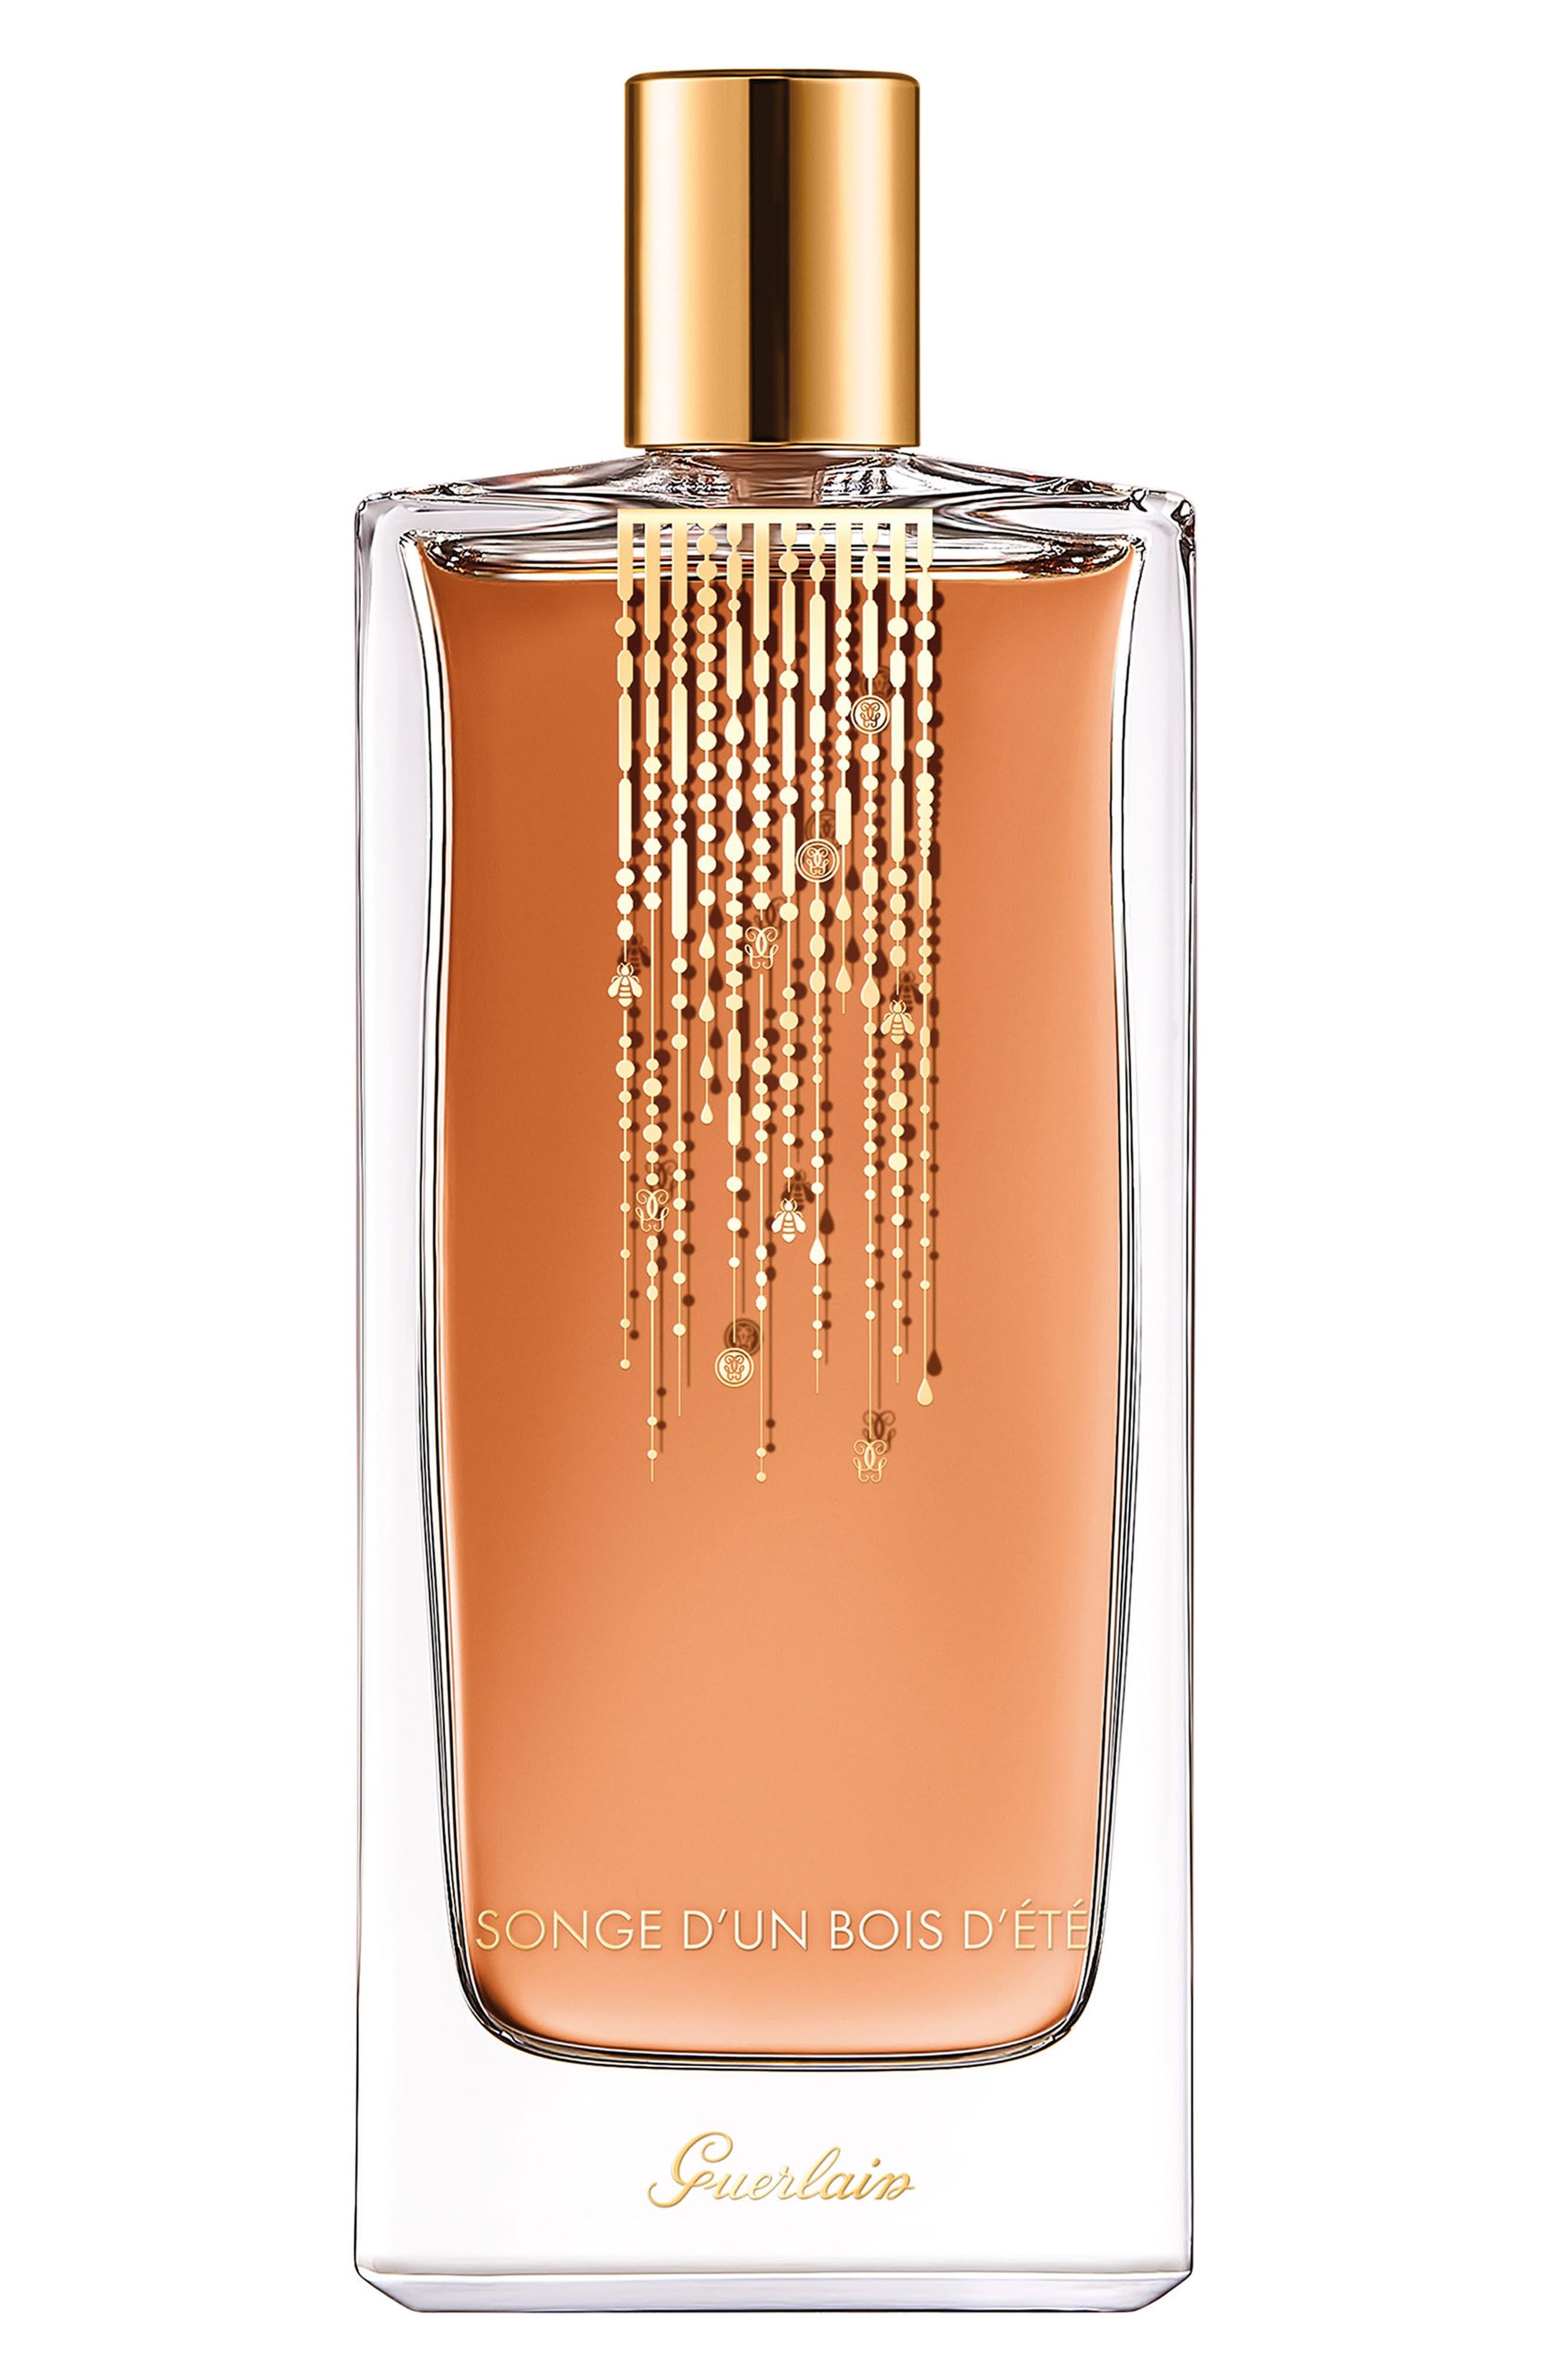 Guerlain Les Déserts d'Orient Songe d'un Bois d'Été Fragrance